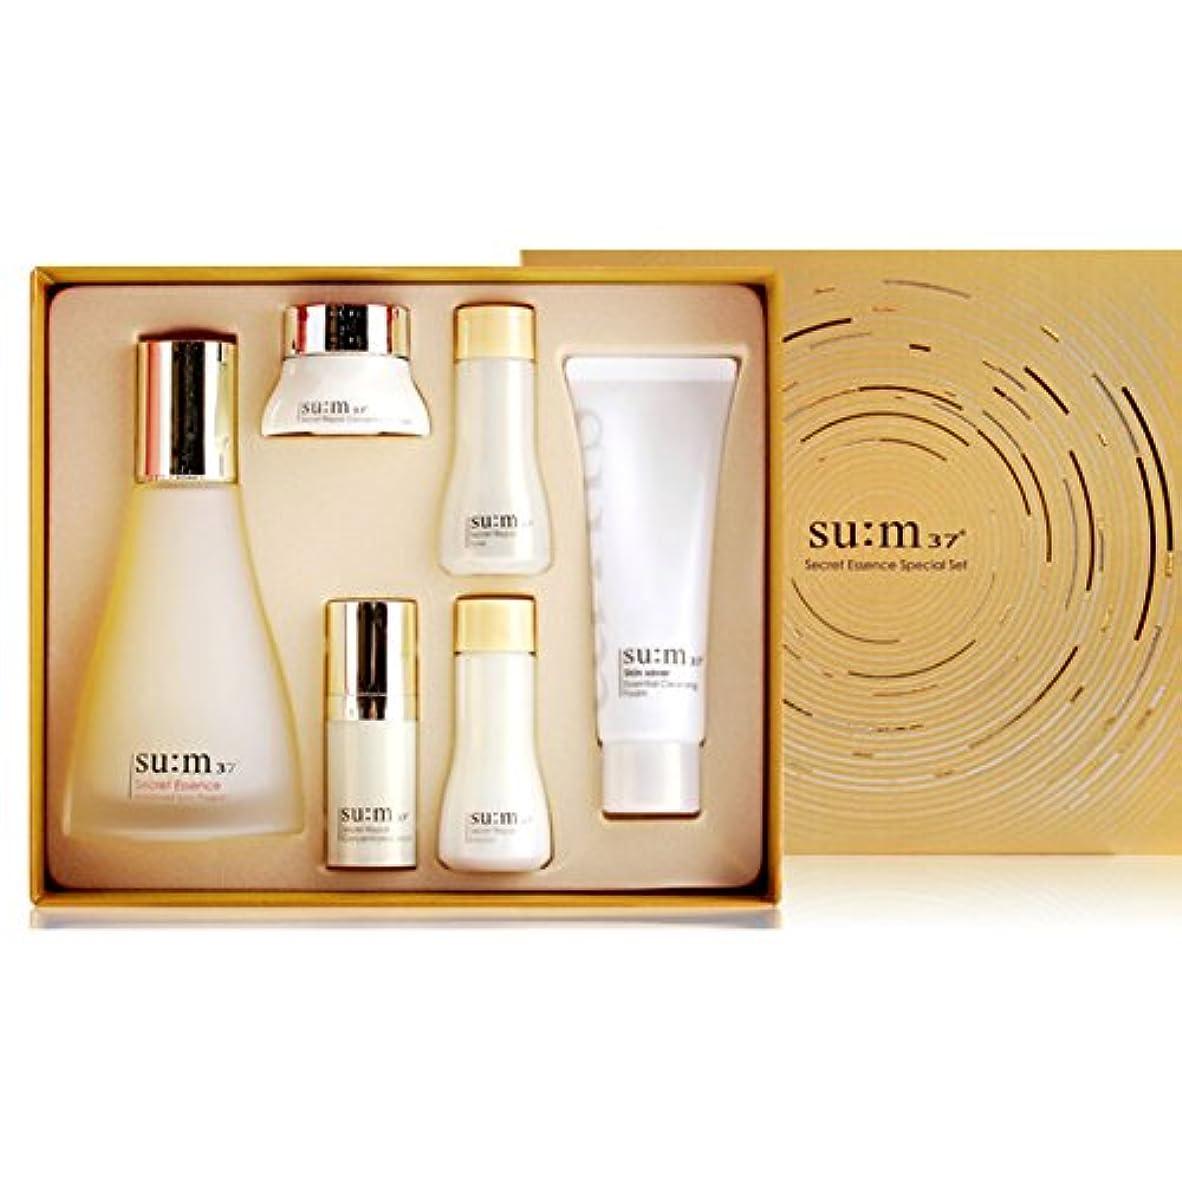 核巻き取り乱用[su:m37/スム37°] SUM37 Secret Essence SPECIAL 100ml Limited Edition/シークレットエッセンススペシャルリミテッドエディション+[Sample Gift](海外直送品)